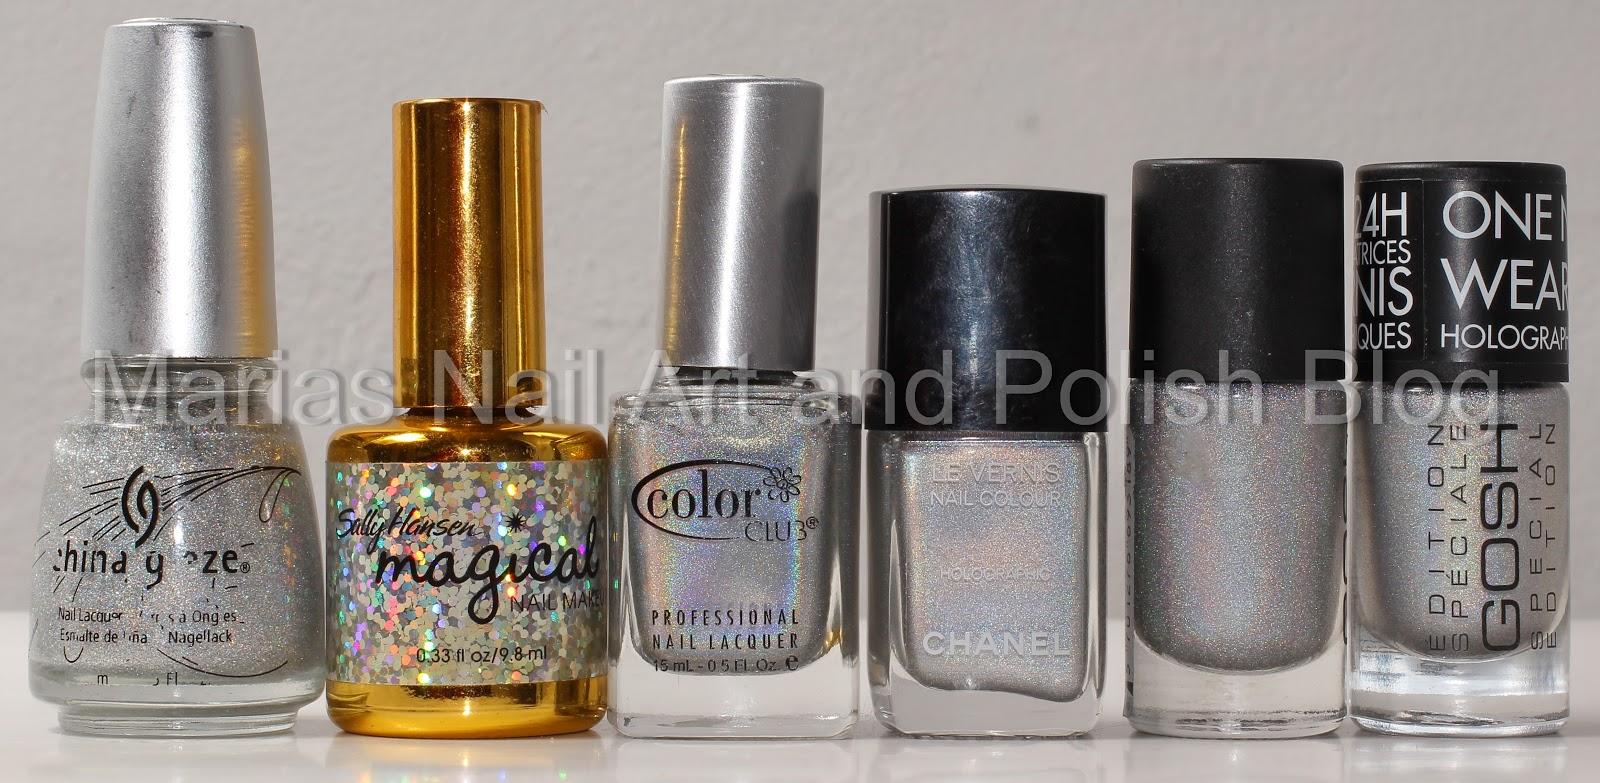 Marias Nail Art and Polish Blog: Silver holographic polish ...